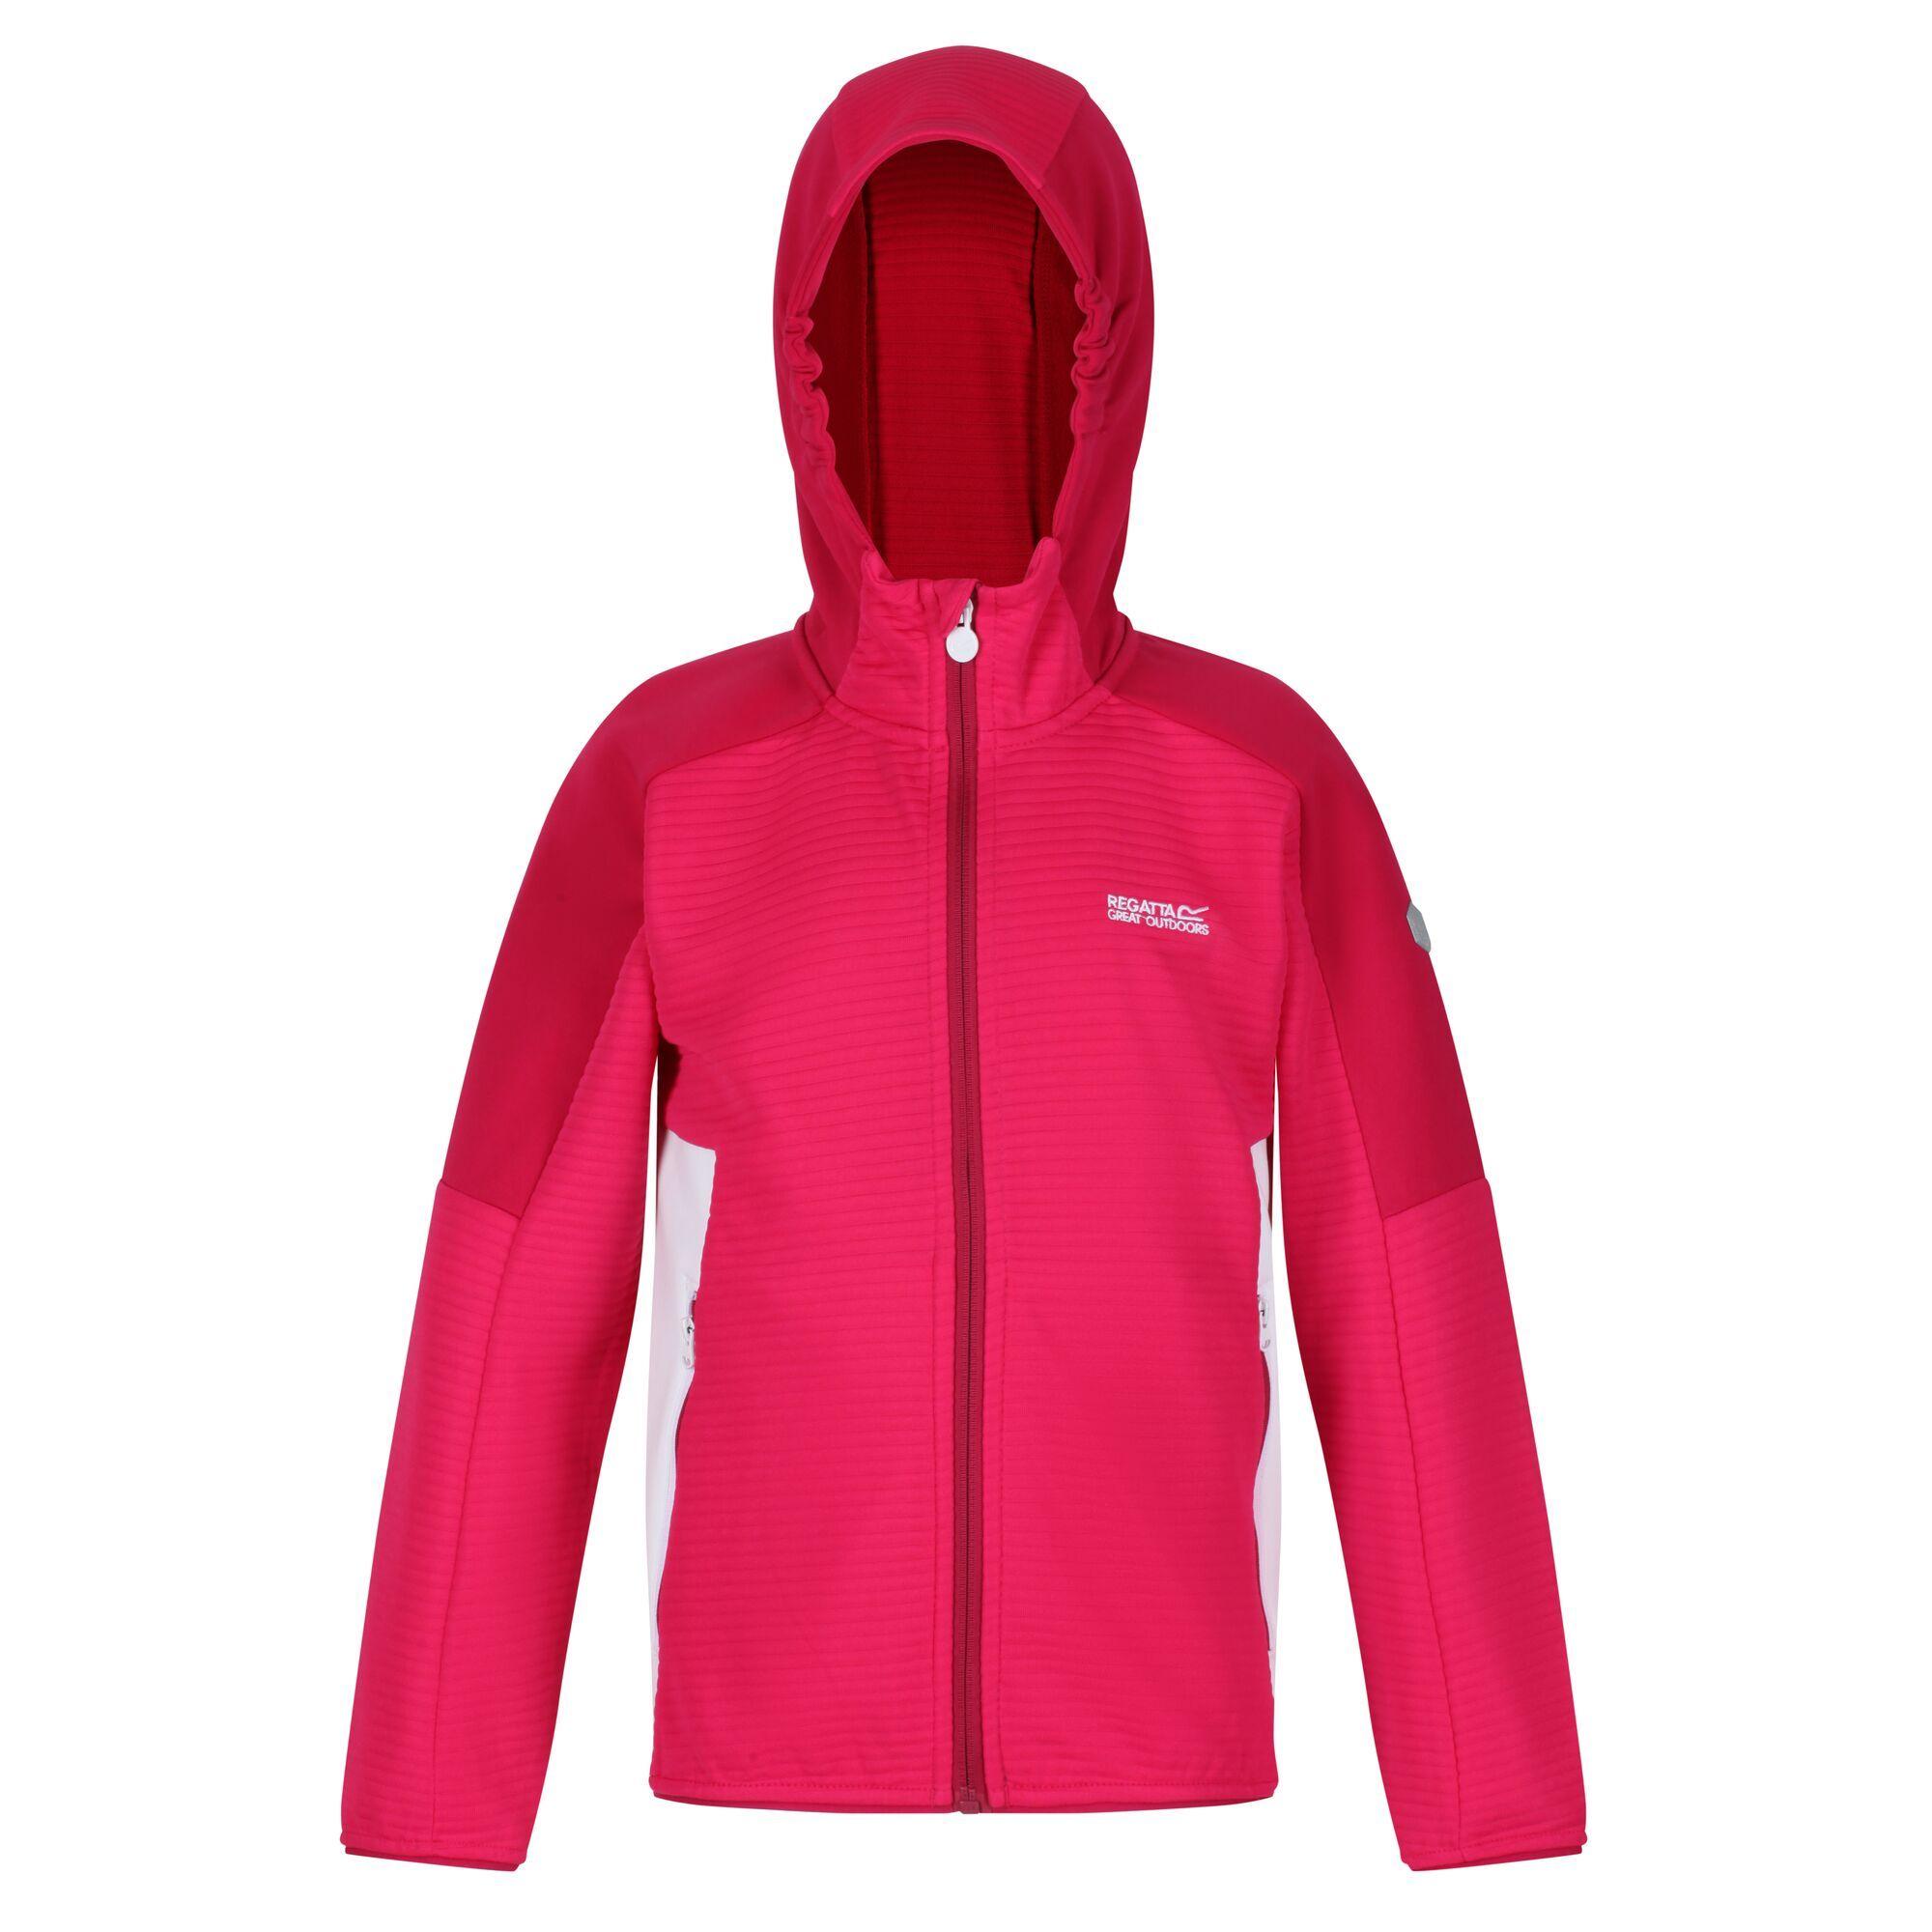 Regatta Childrens/Kids Fleece Jacket (7-8 Years) (Duchess Pink/Dark Cerise)